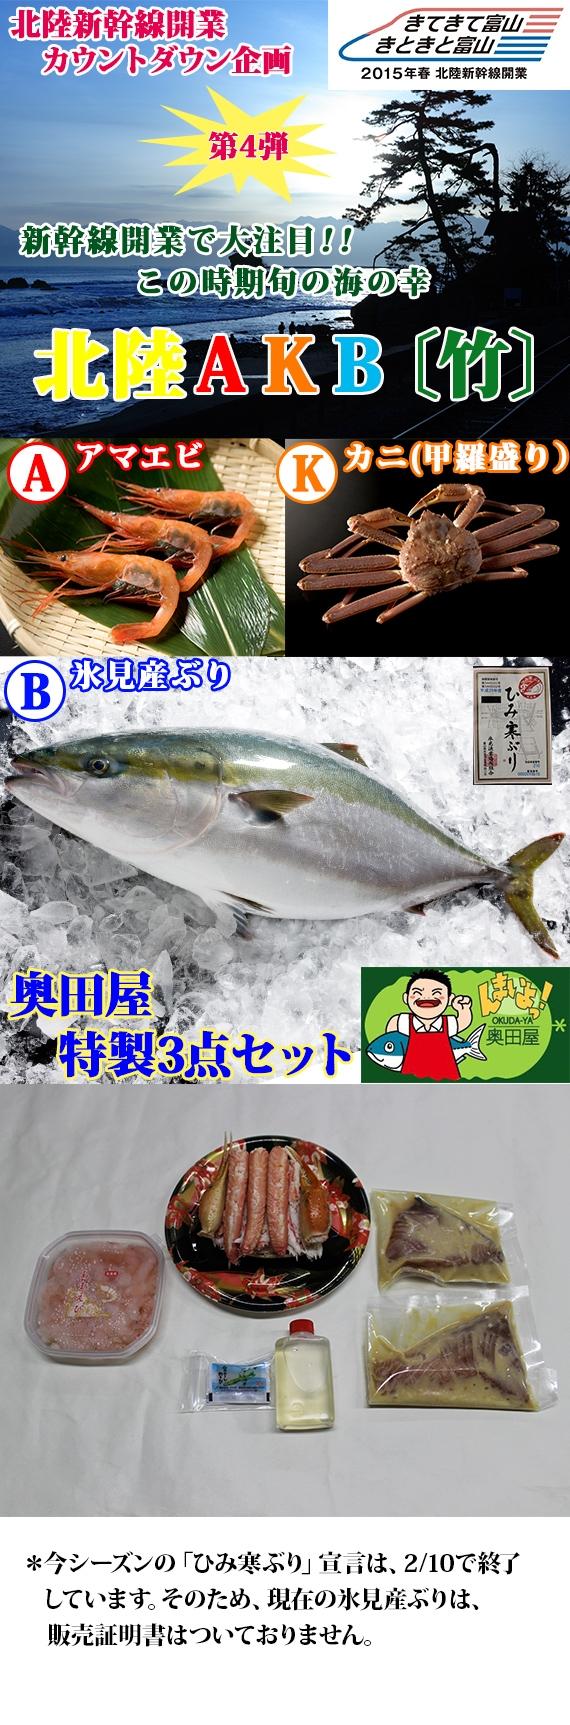 【竹コース】富山湾海の幸『北陸AKB3点セット』・・・奥田屋特製1-甘えびお刺身<むき身>、2-本ズワイガニ甲羅盛り1点、3-氷見産・天然ぶり西京漬け2切れの3点セット